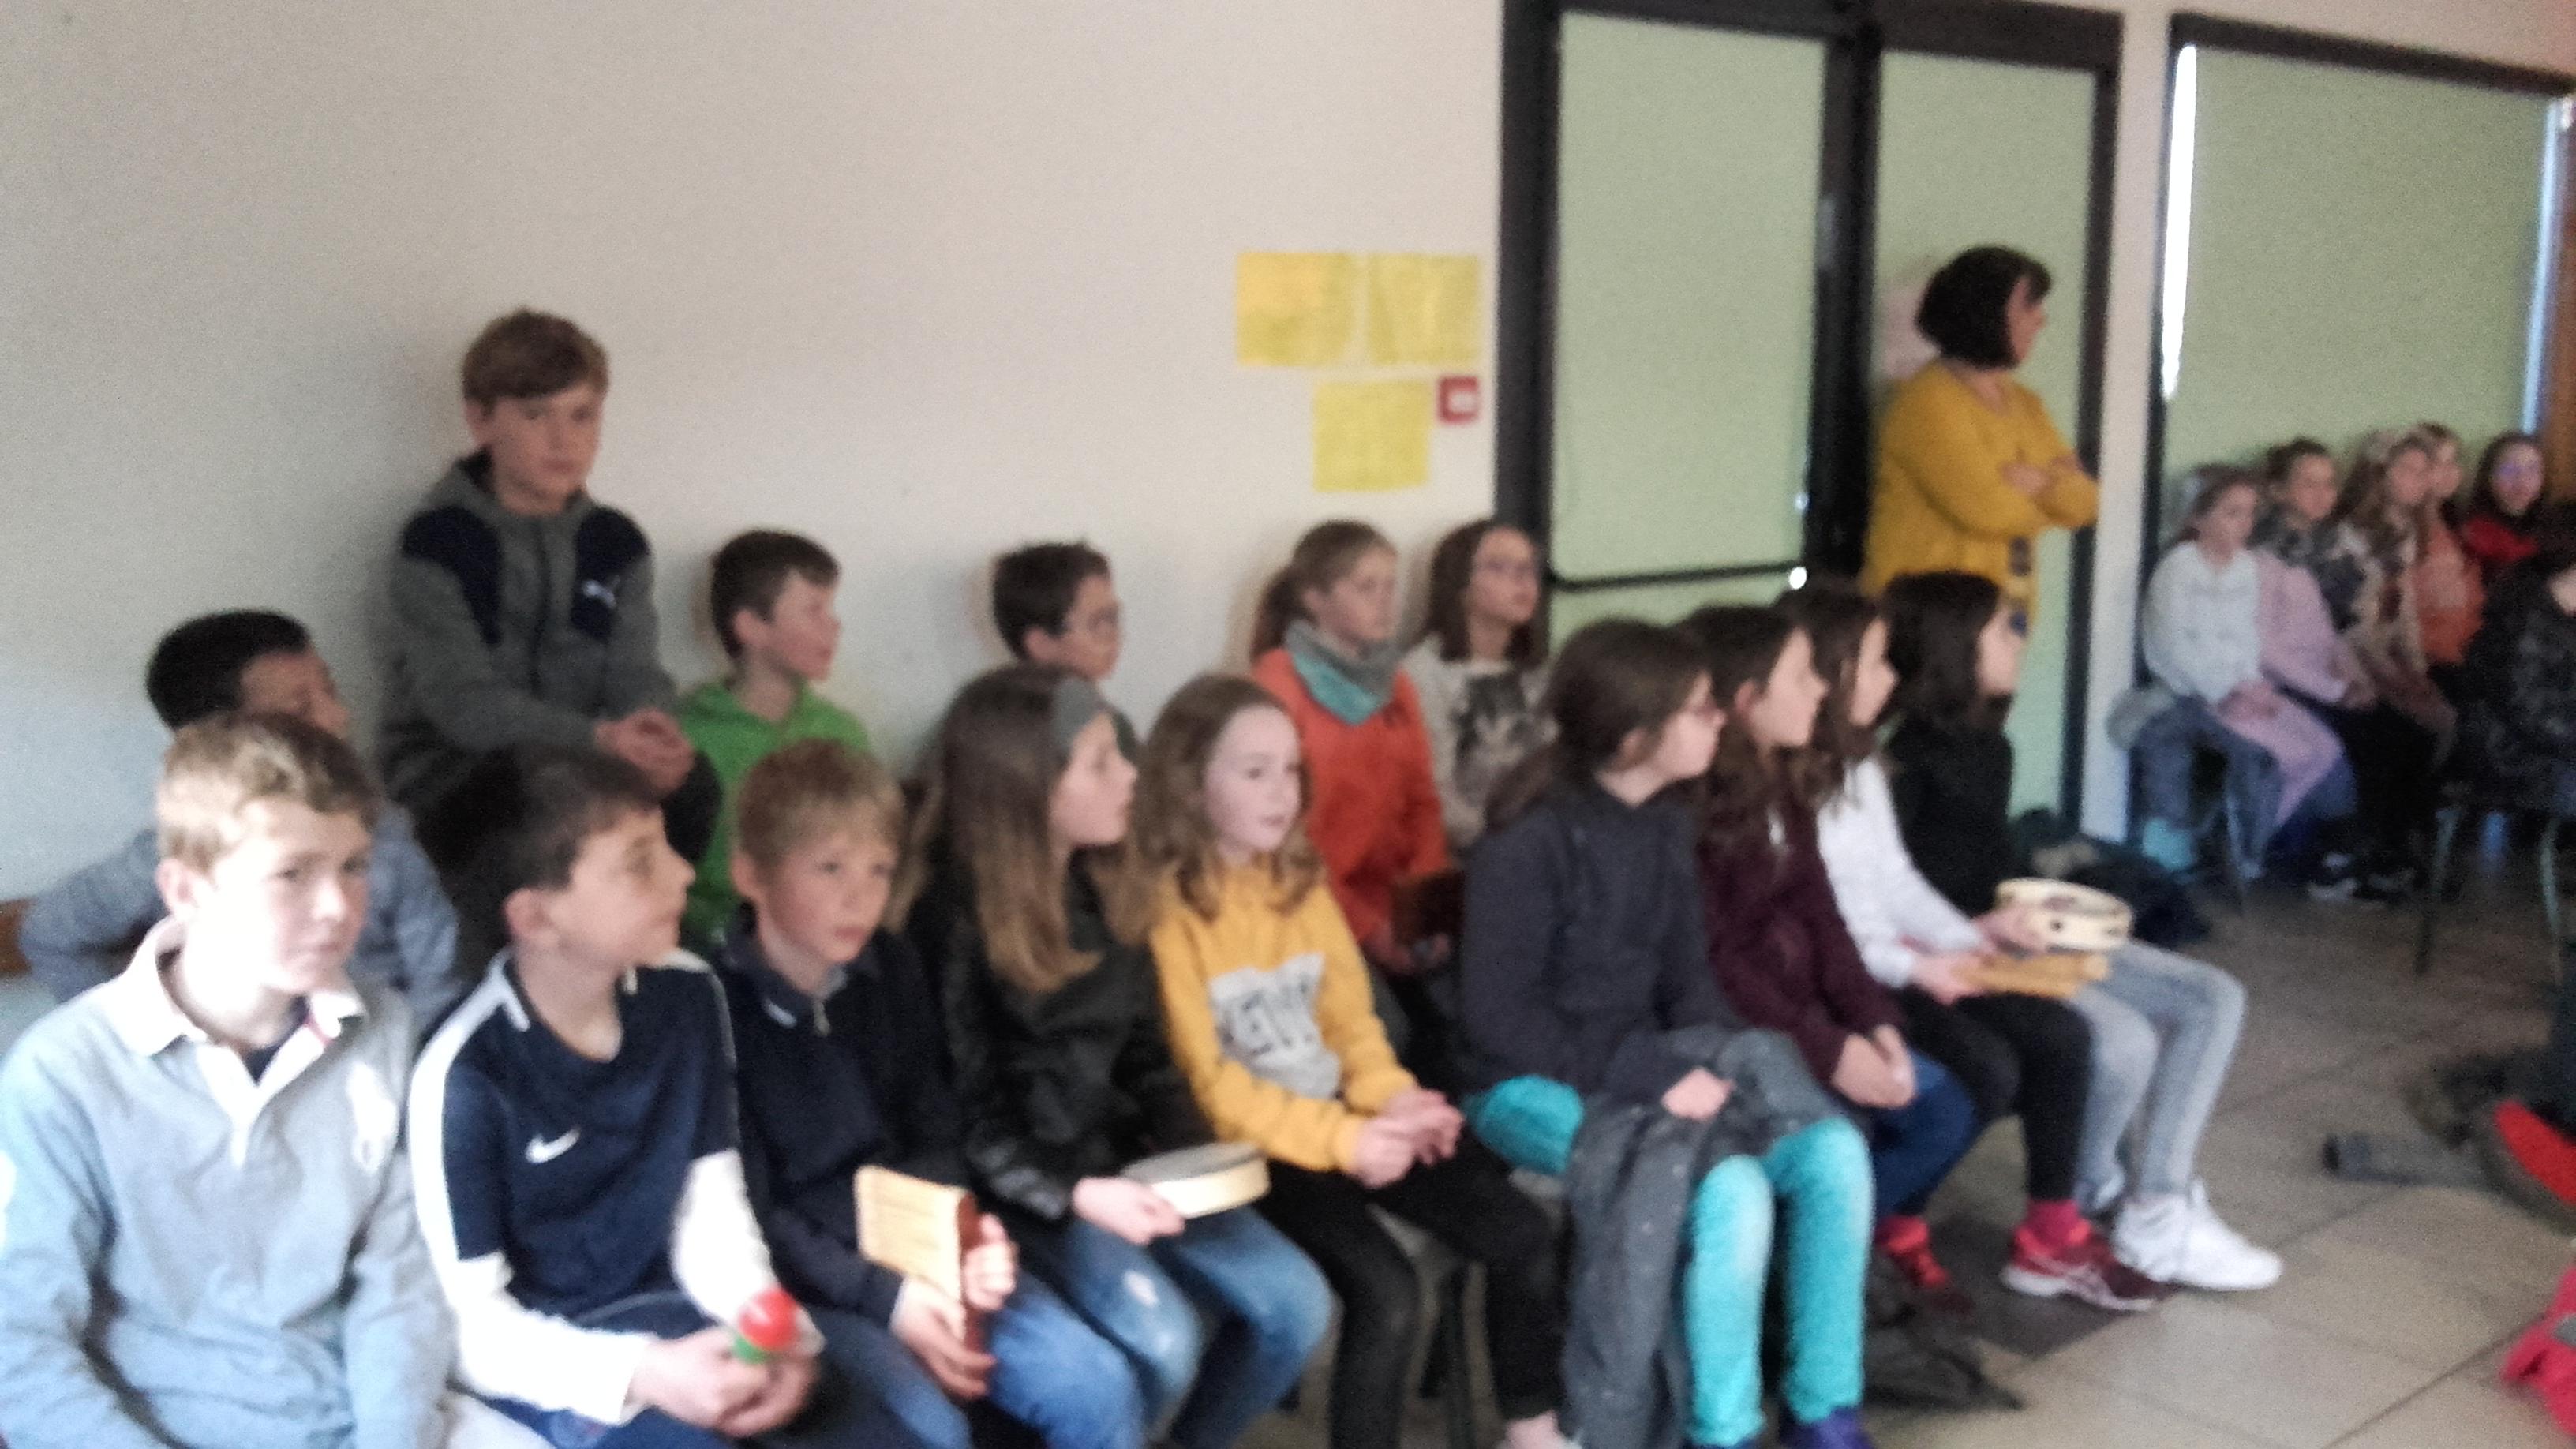 Théâtre français-breton du 04/04/19